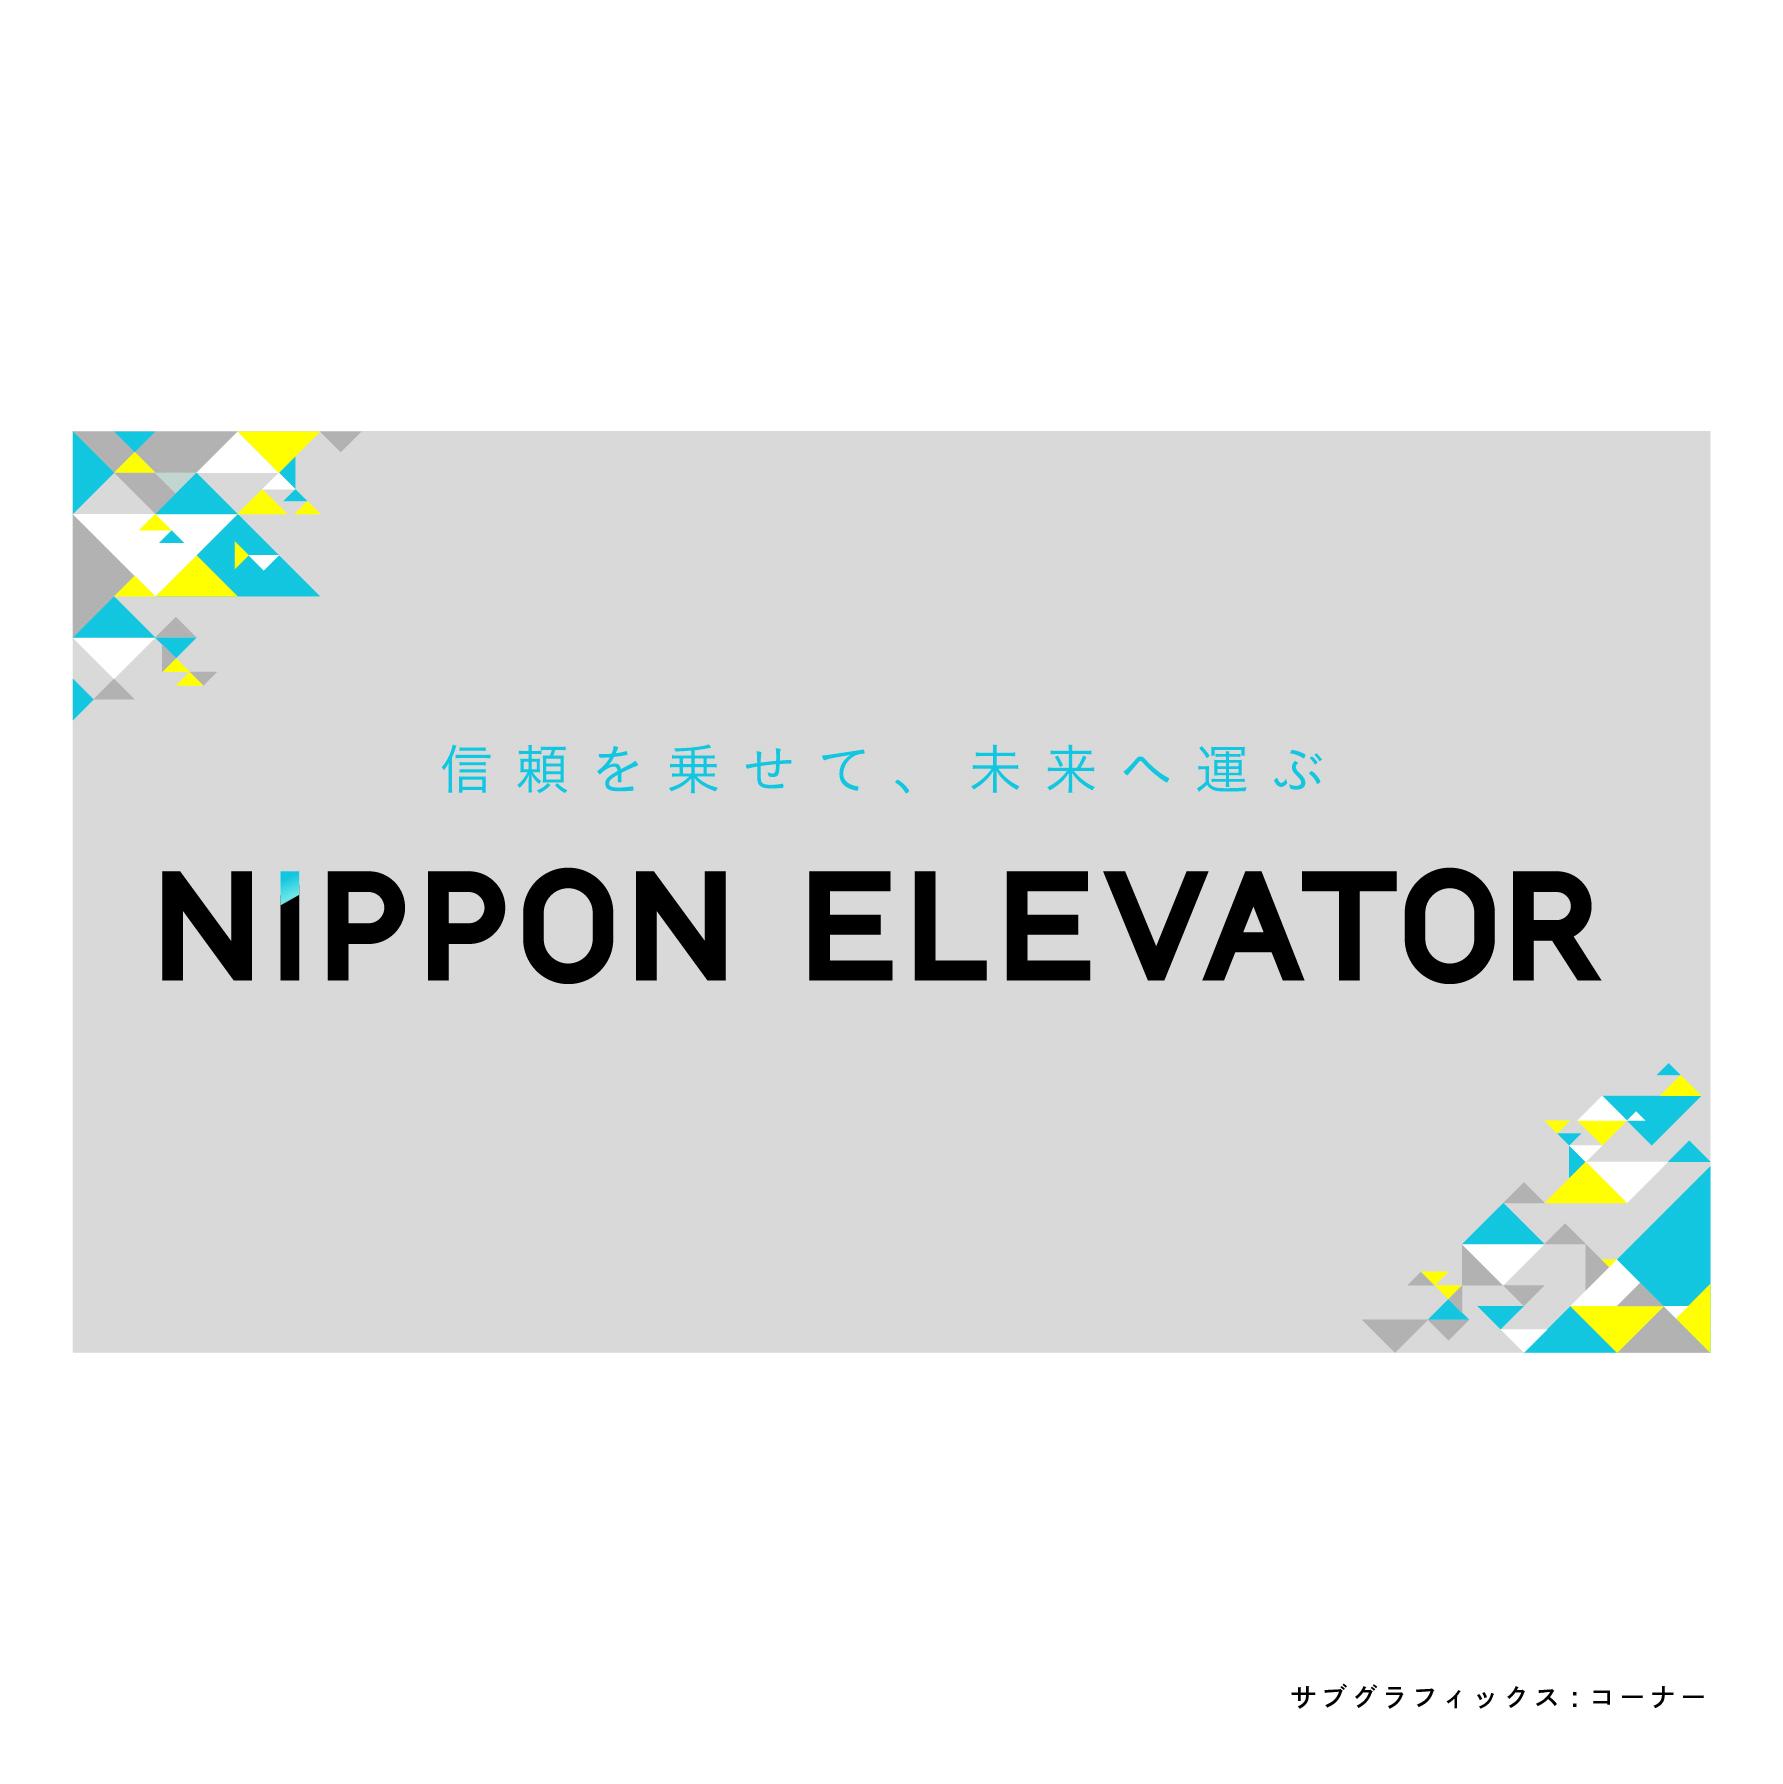 NIPPON ELEVATOR06